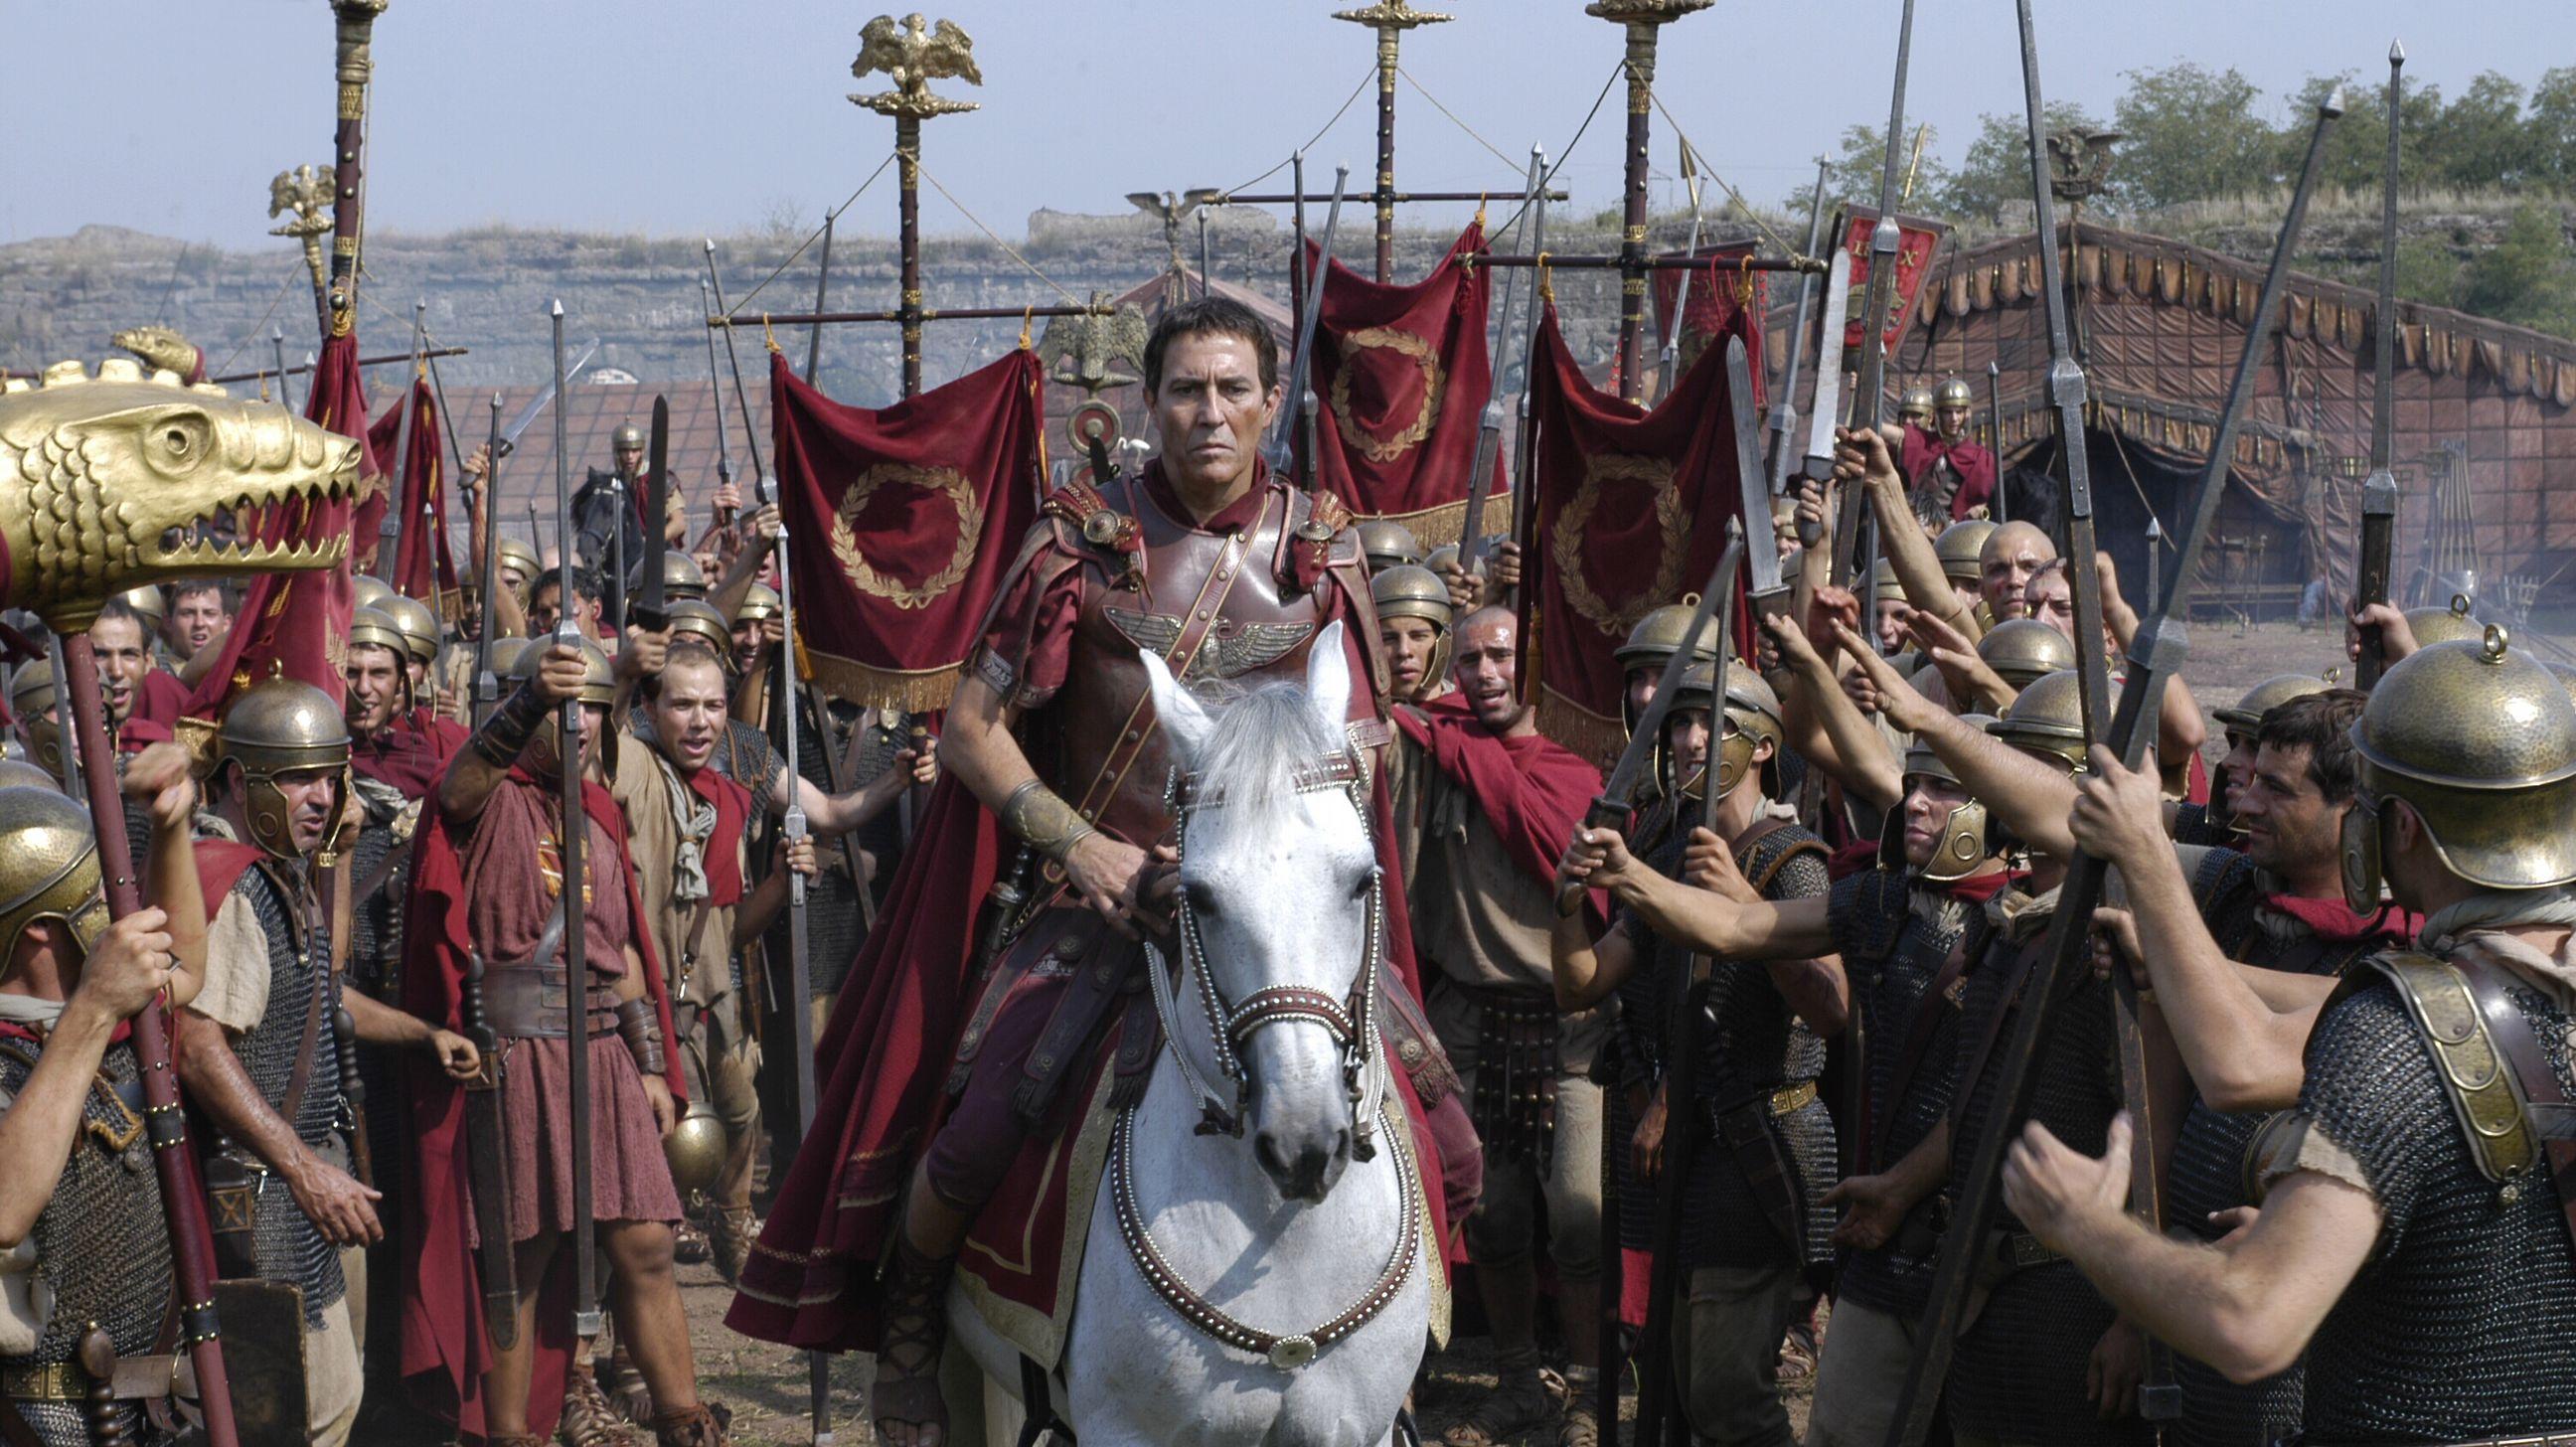 Wehikuł czasu jest zupełnie zbędny. 7 świetnych seriali w historycznych realiach